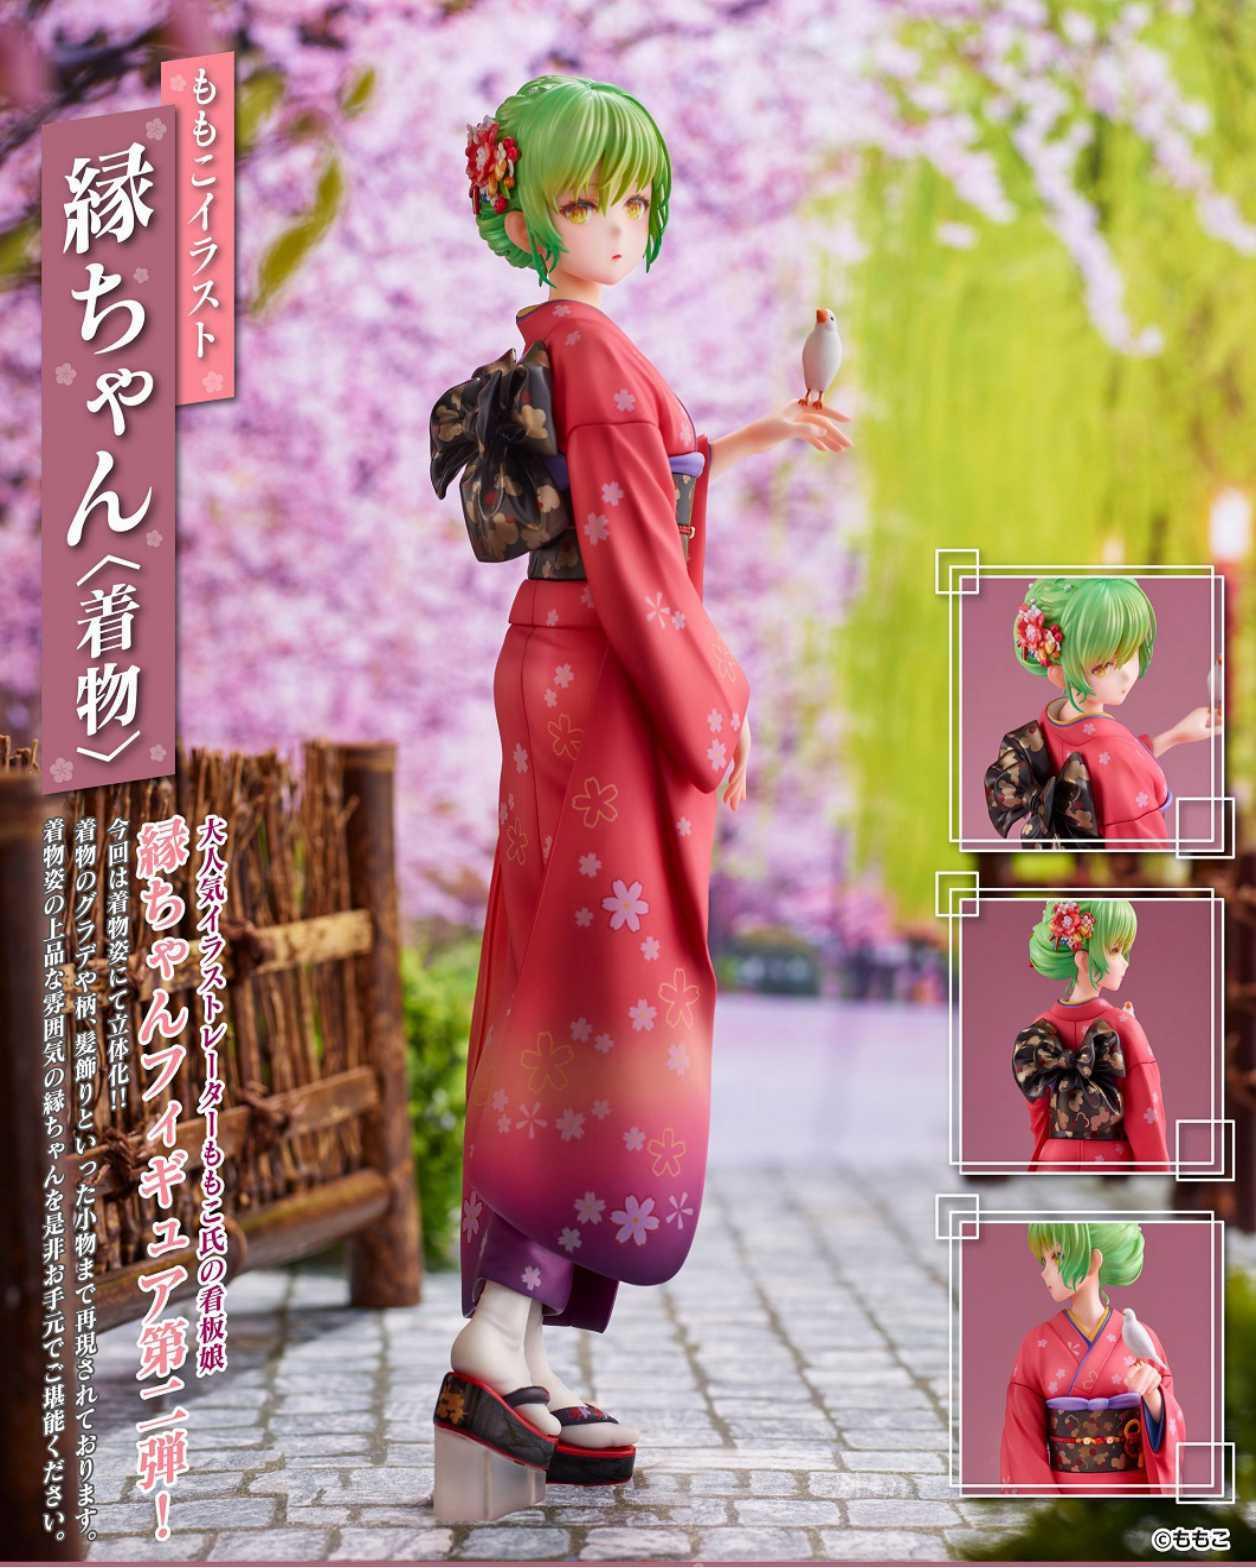 Momoco Illustration Yukari-chan -Kimono-.jpg